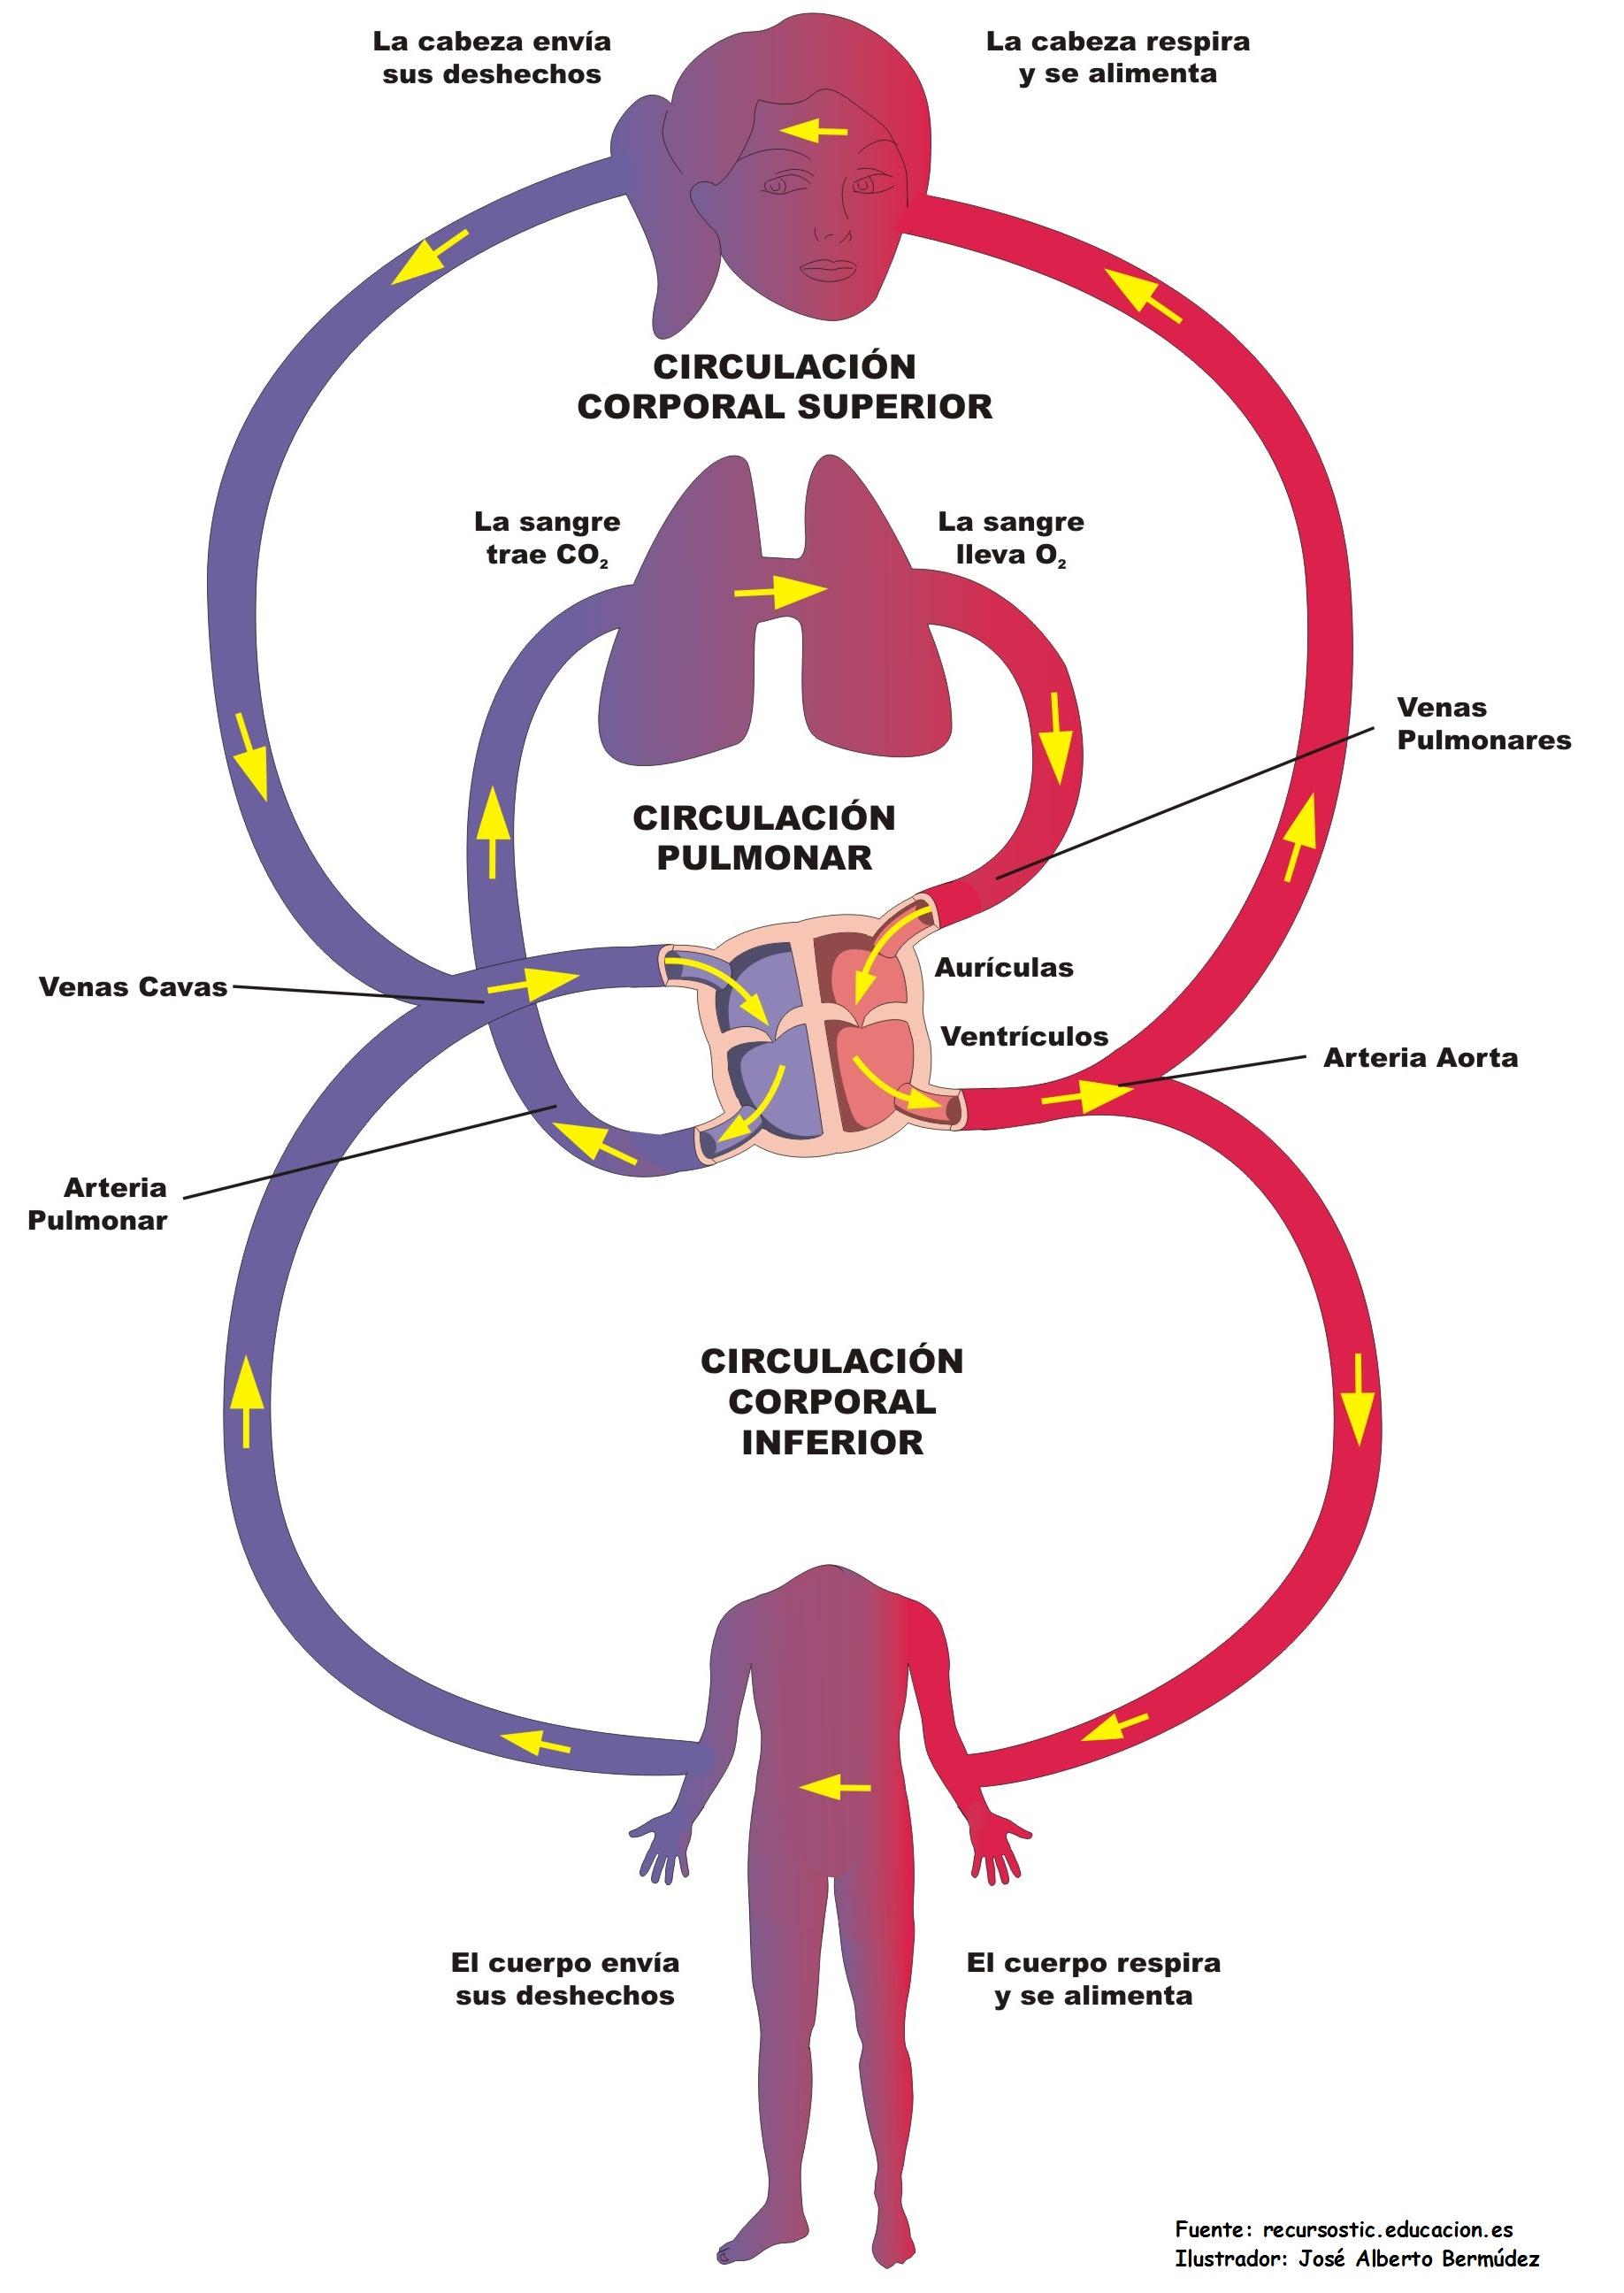 Sistema circulatorio - Currículum en línea. MINEDUC. Gobierno de Chile.